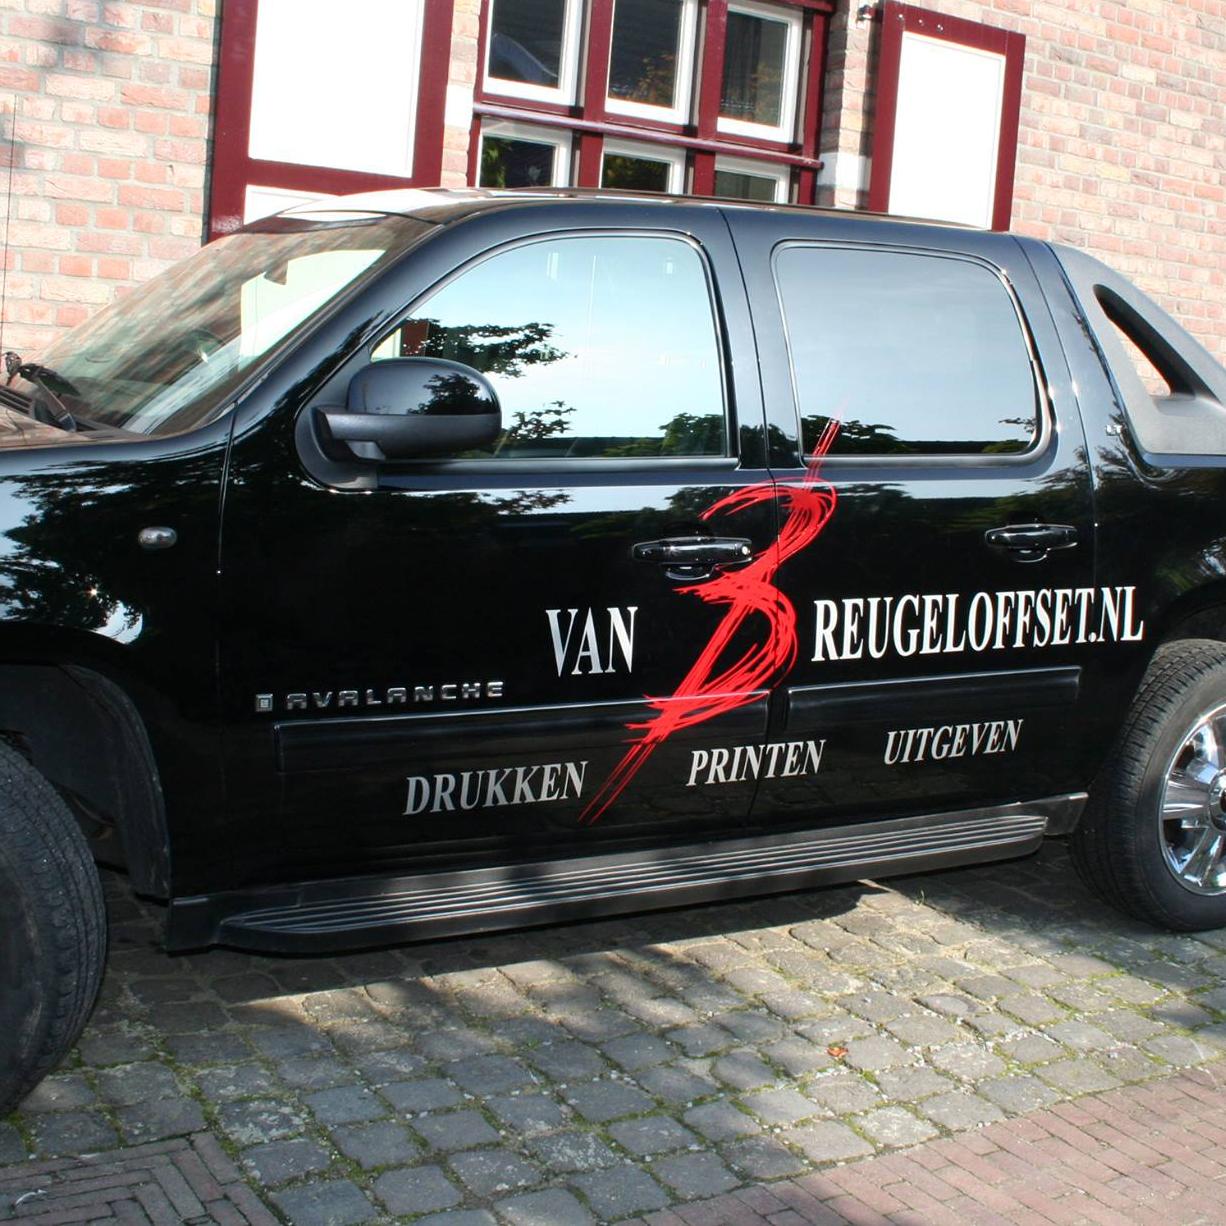 van Breugel Offset | Drukkerij Uitgeverij | Oirsbeek | Zuid-Limburg van Breugel Offset - Auto Belettering